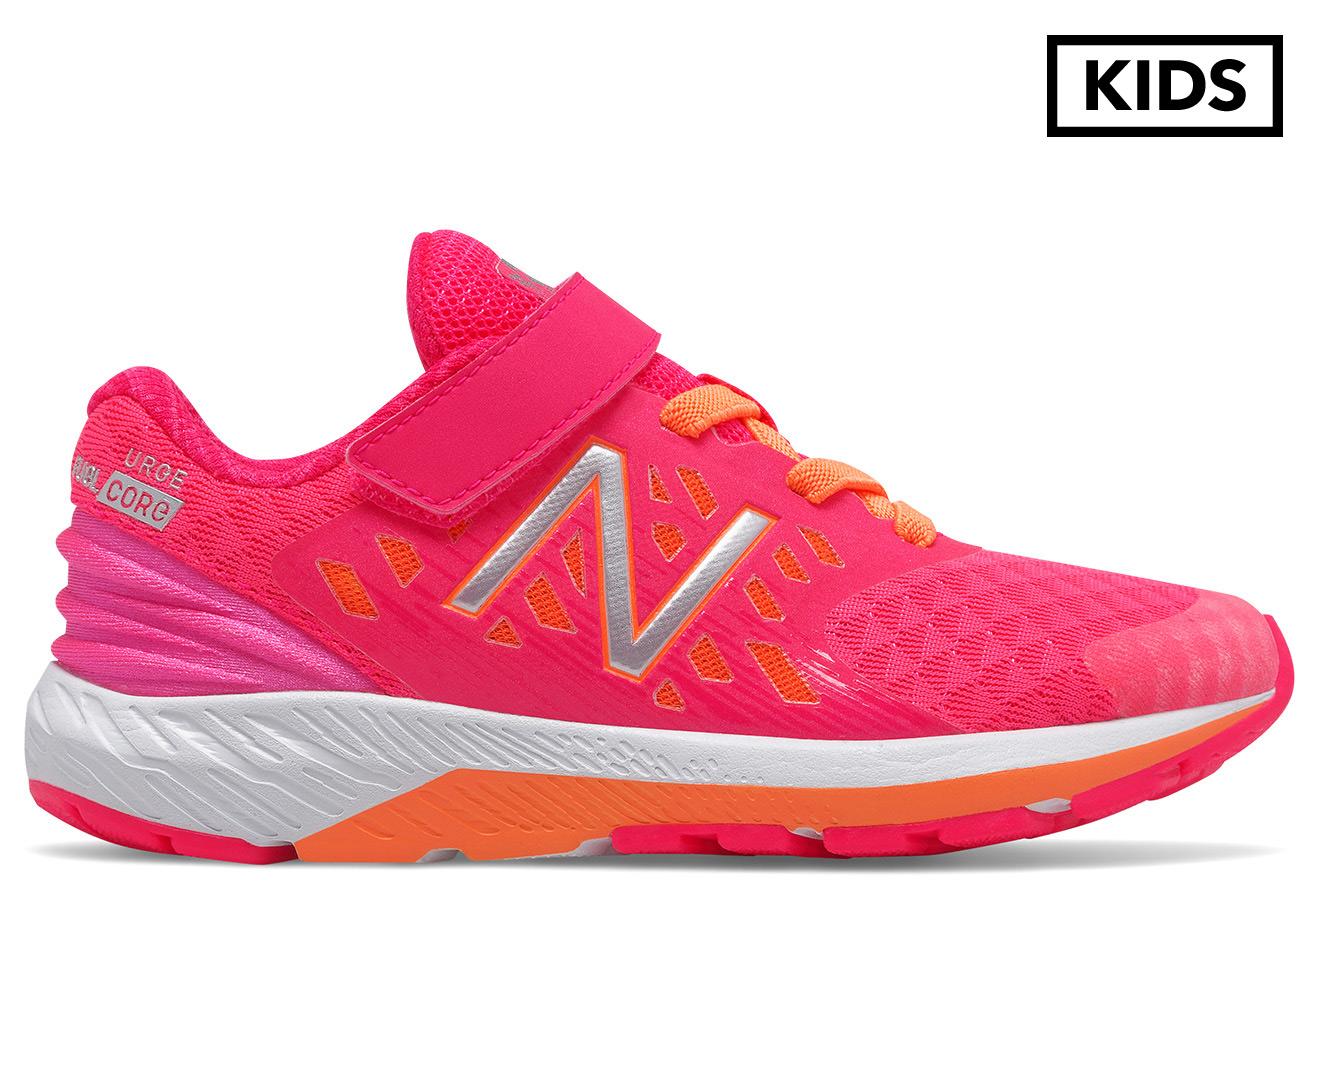 New Balance Girls Shoes Urge